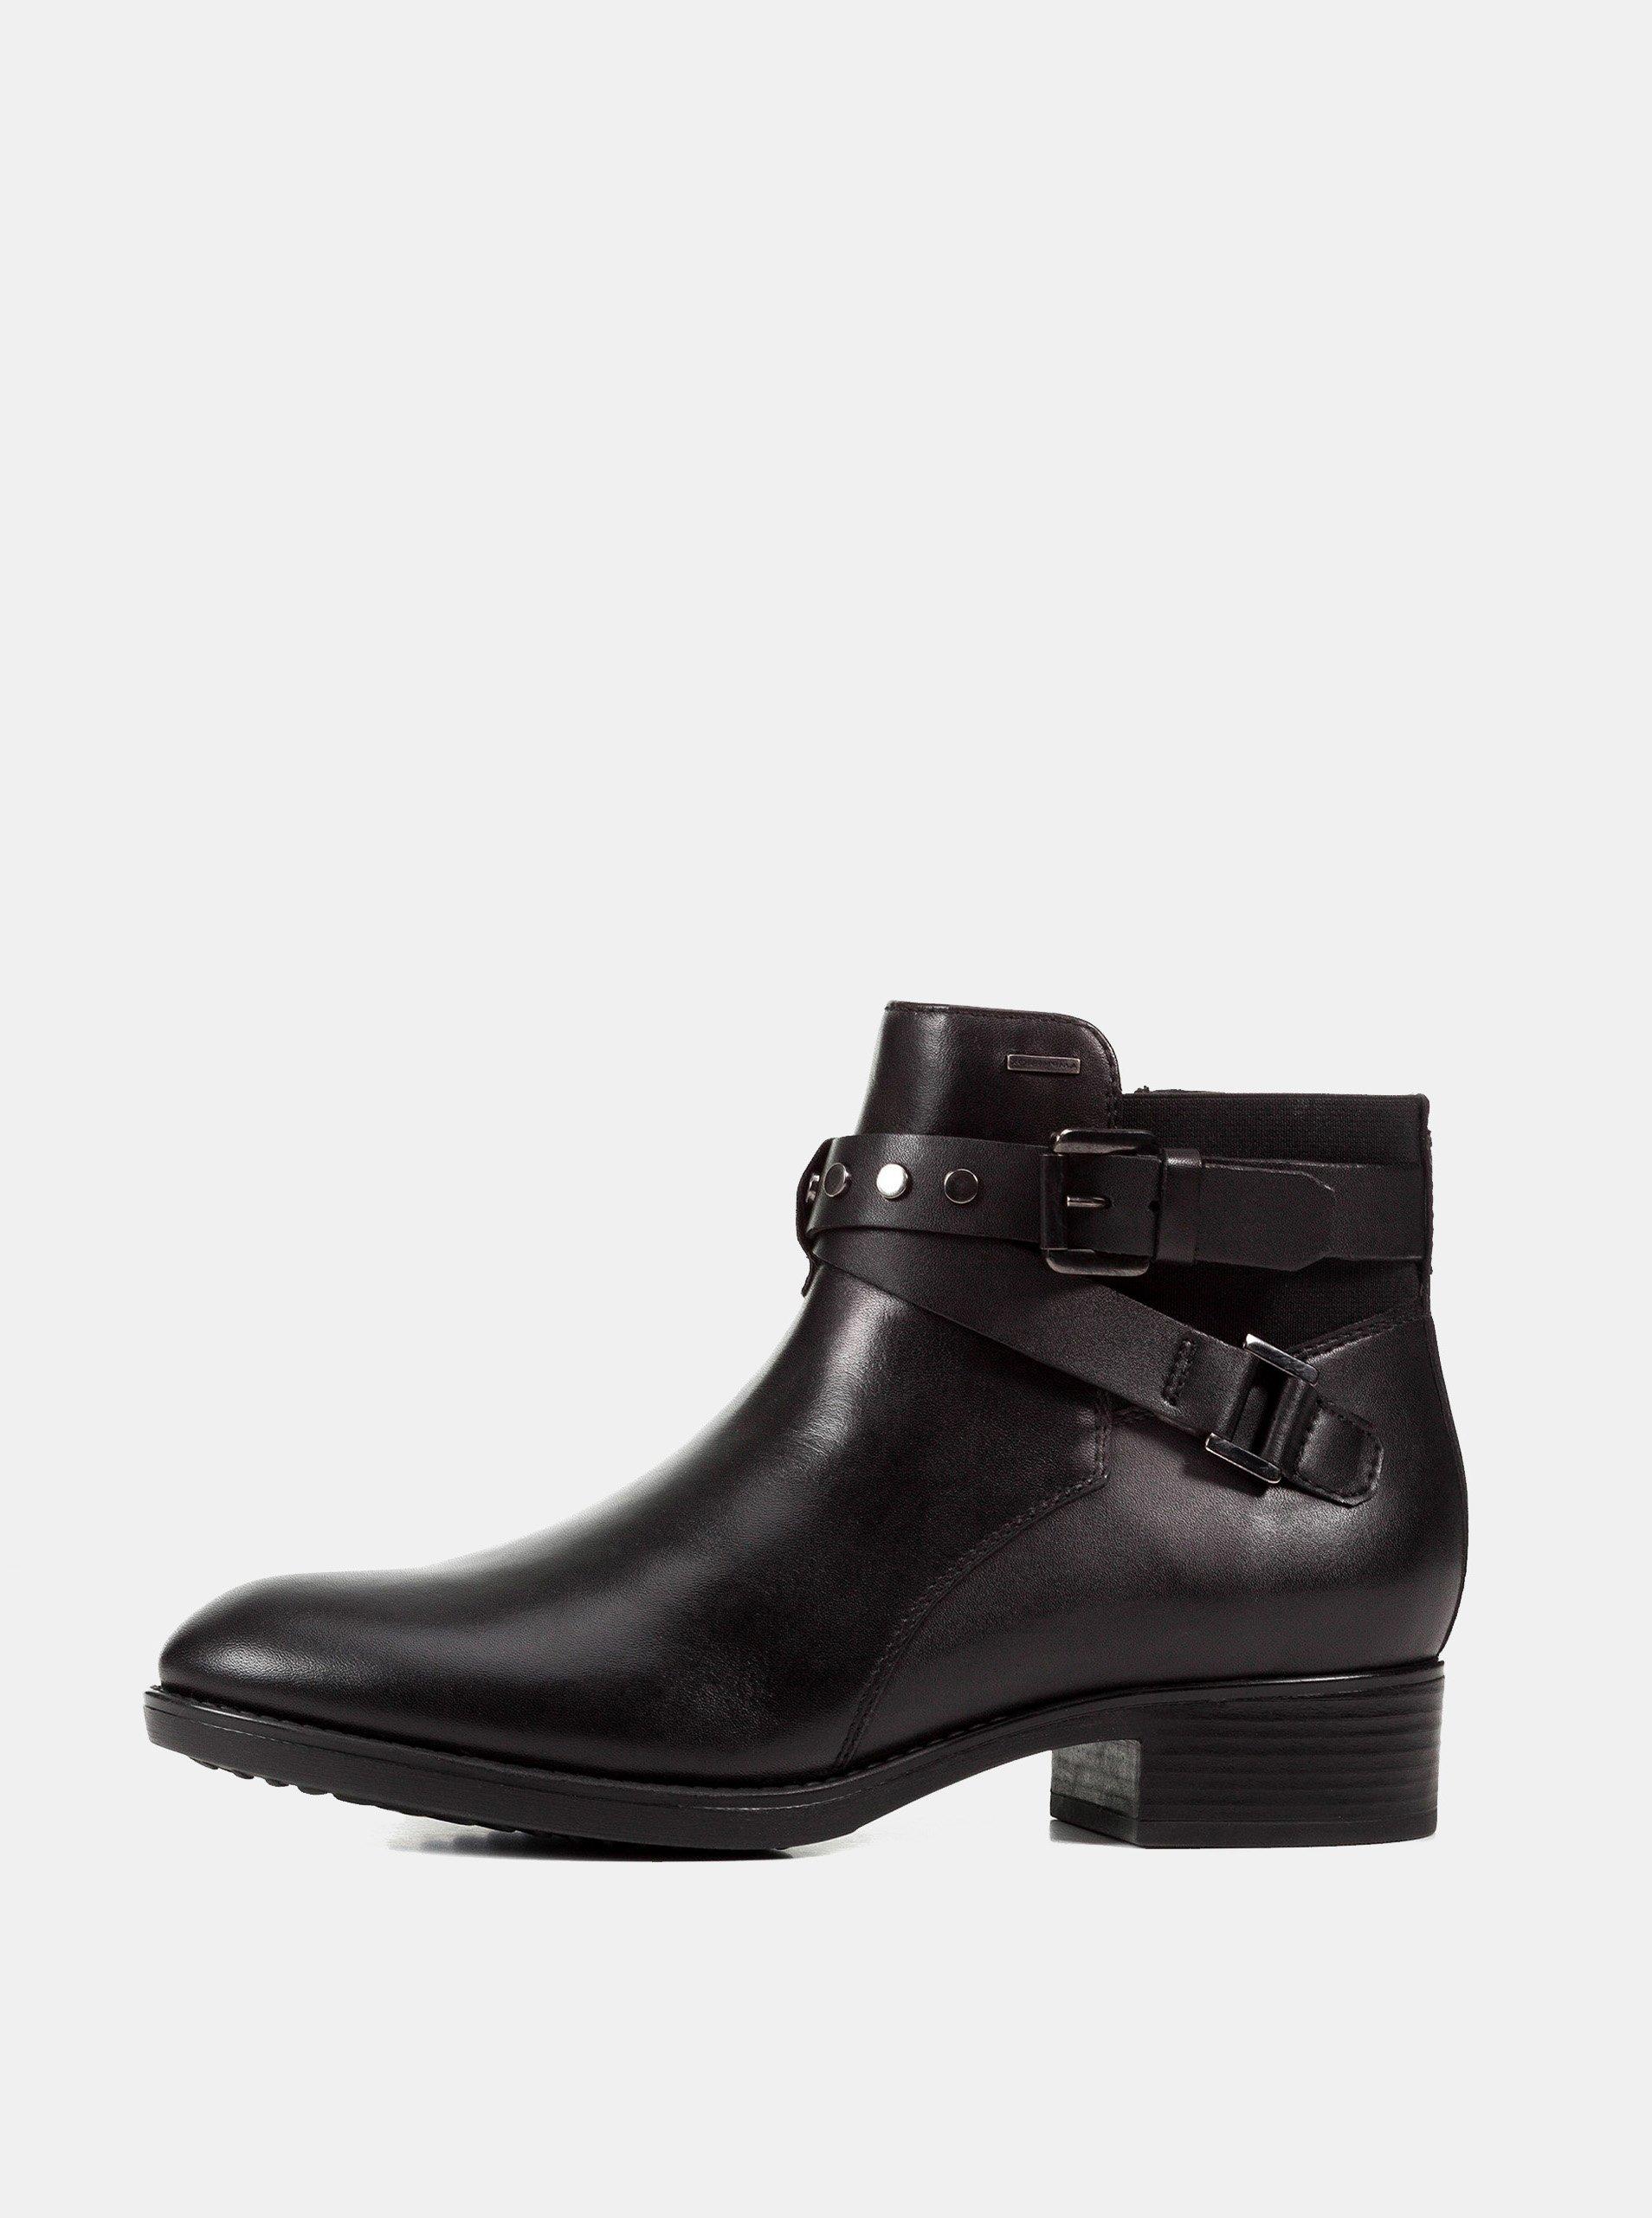 27f72ec4483 Černé dámské kožené voděodolné kotníkové boty Geox